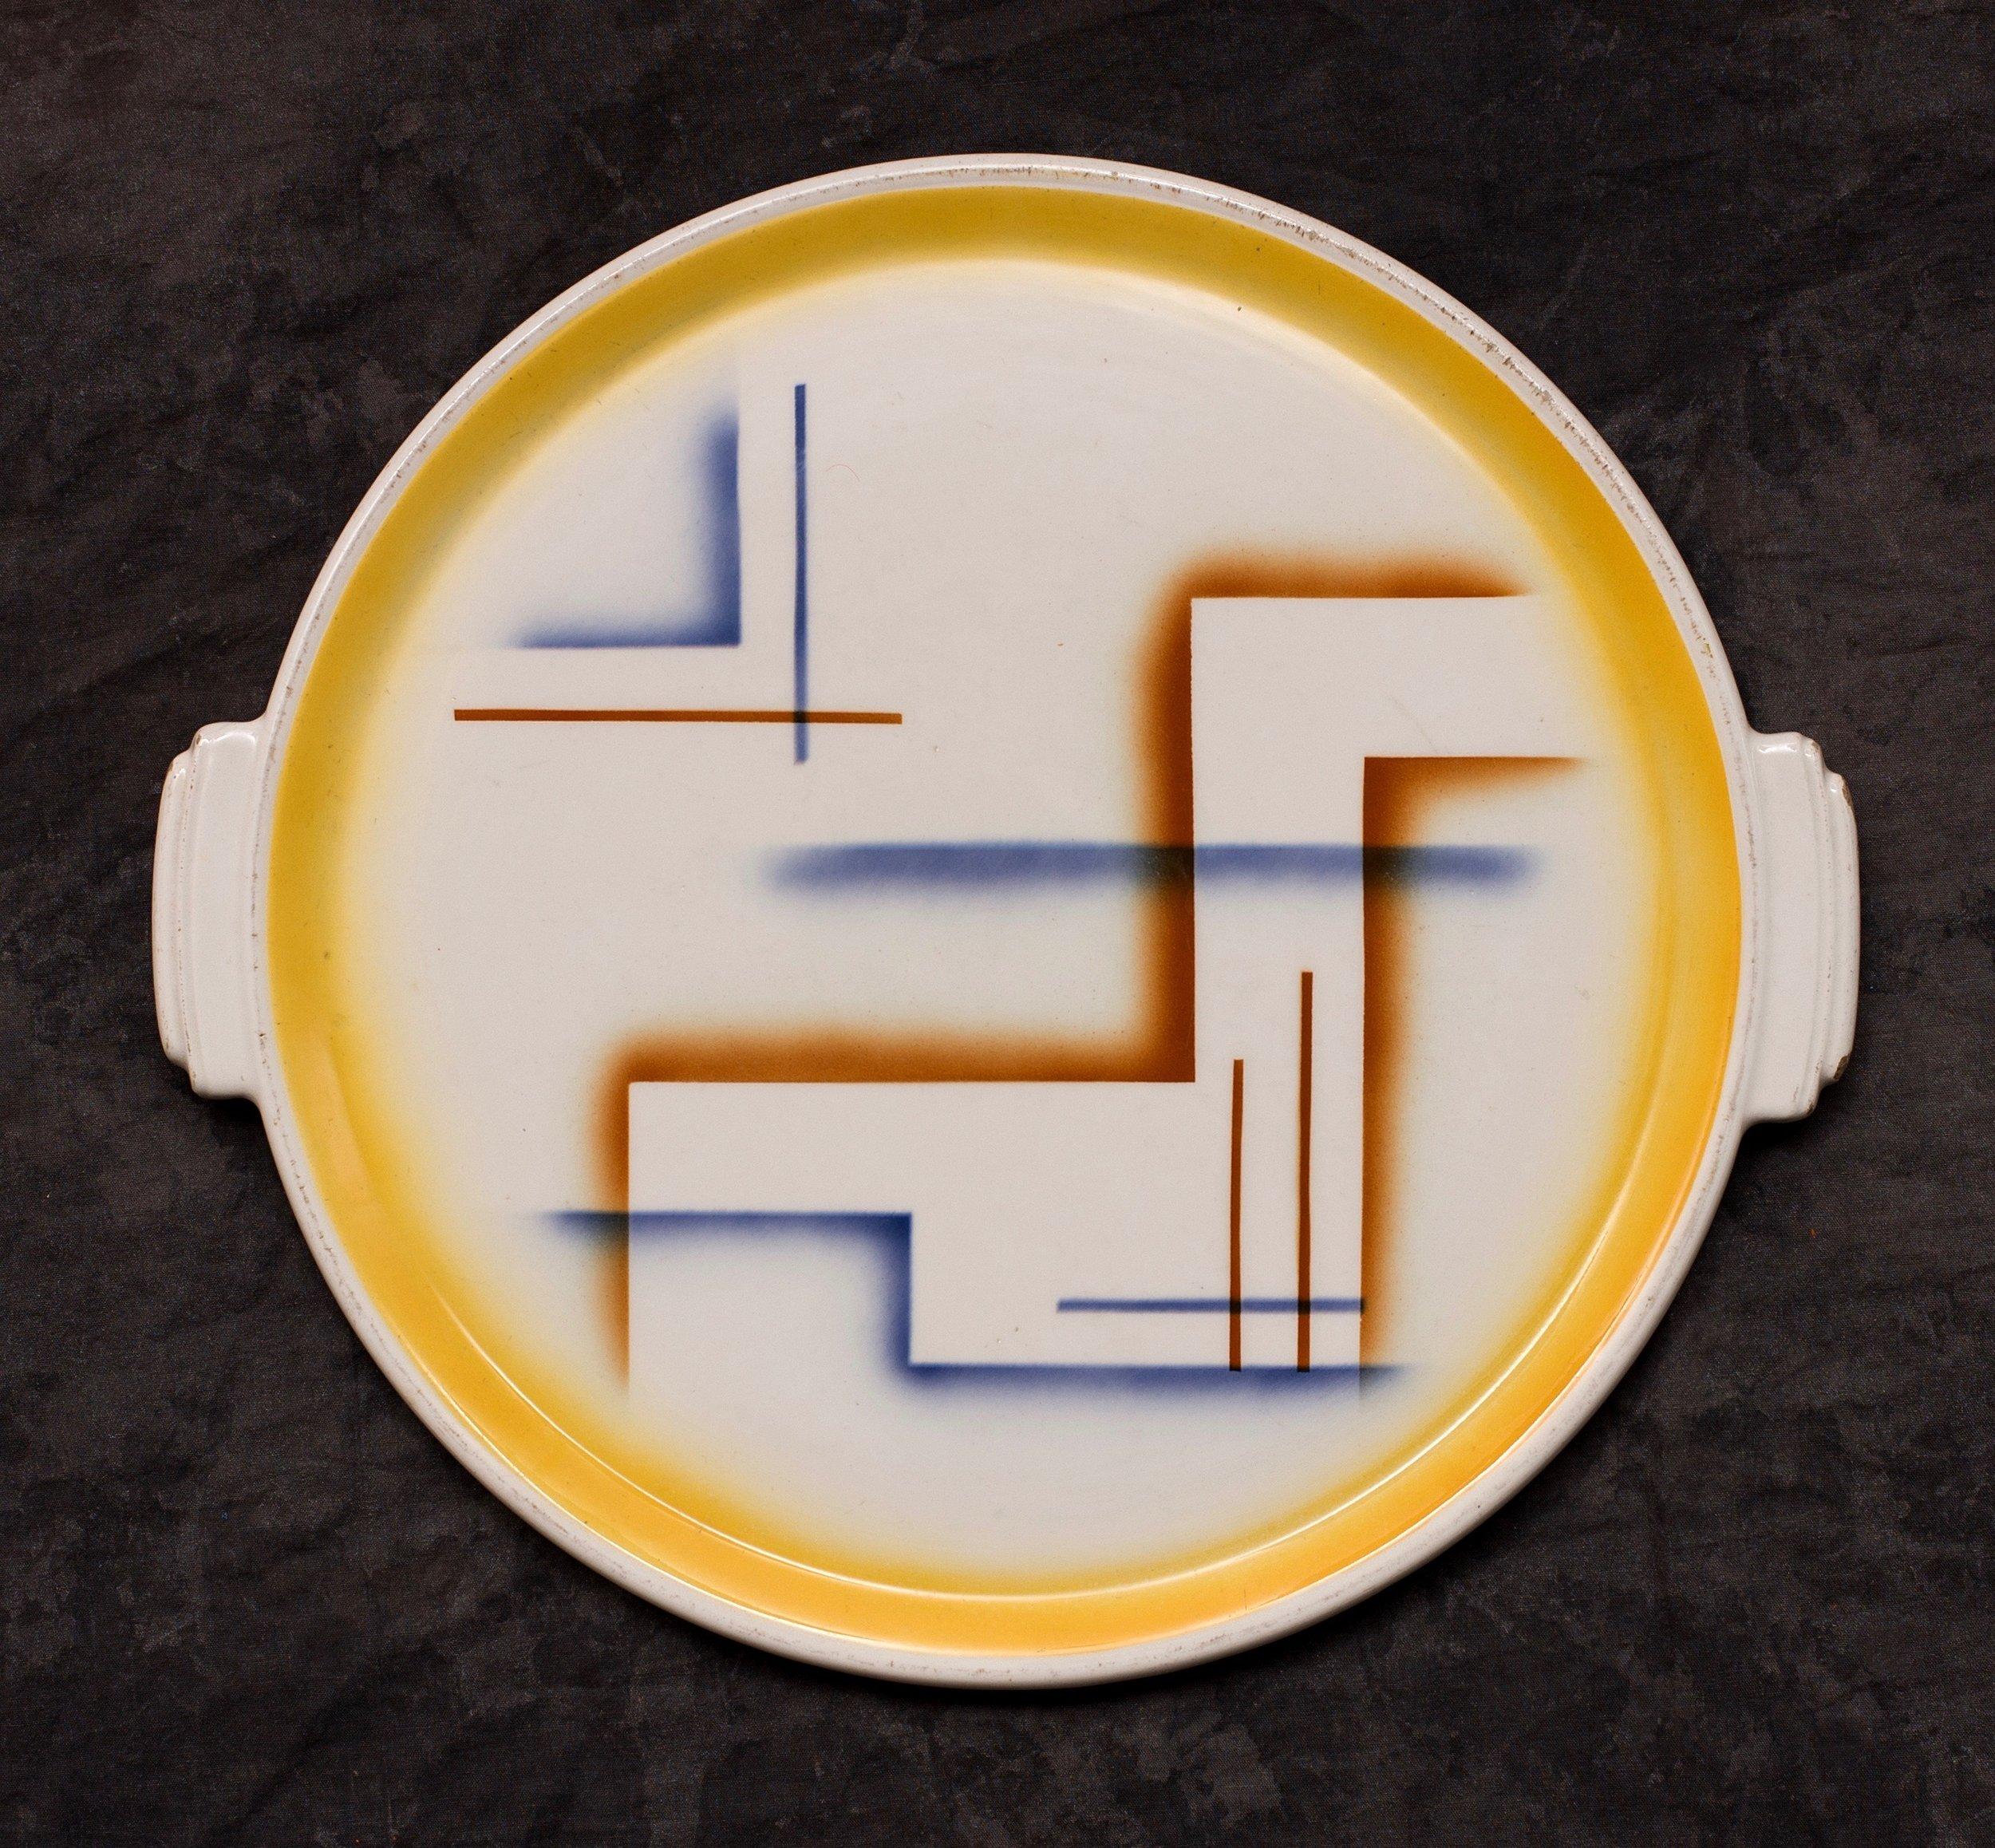 #127 Platter, form 1632, dec.6175, Grünstadt, ca.1931. Green mfr., 06175; Blind 1632; H. 1.7 cm H; 30.7 cm top, 26.3 base Ø. RM2176